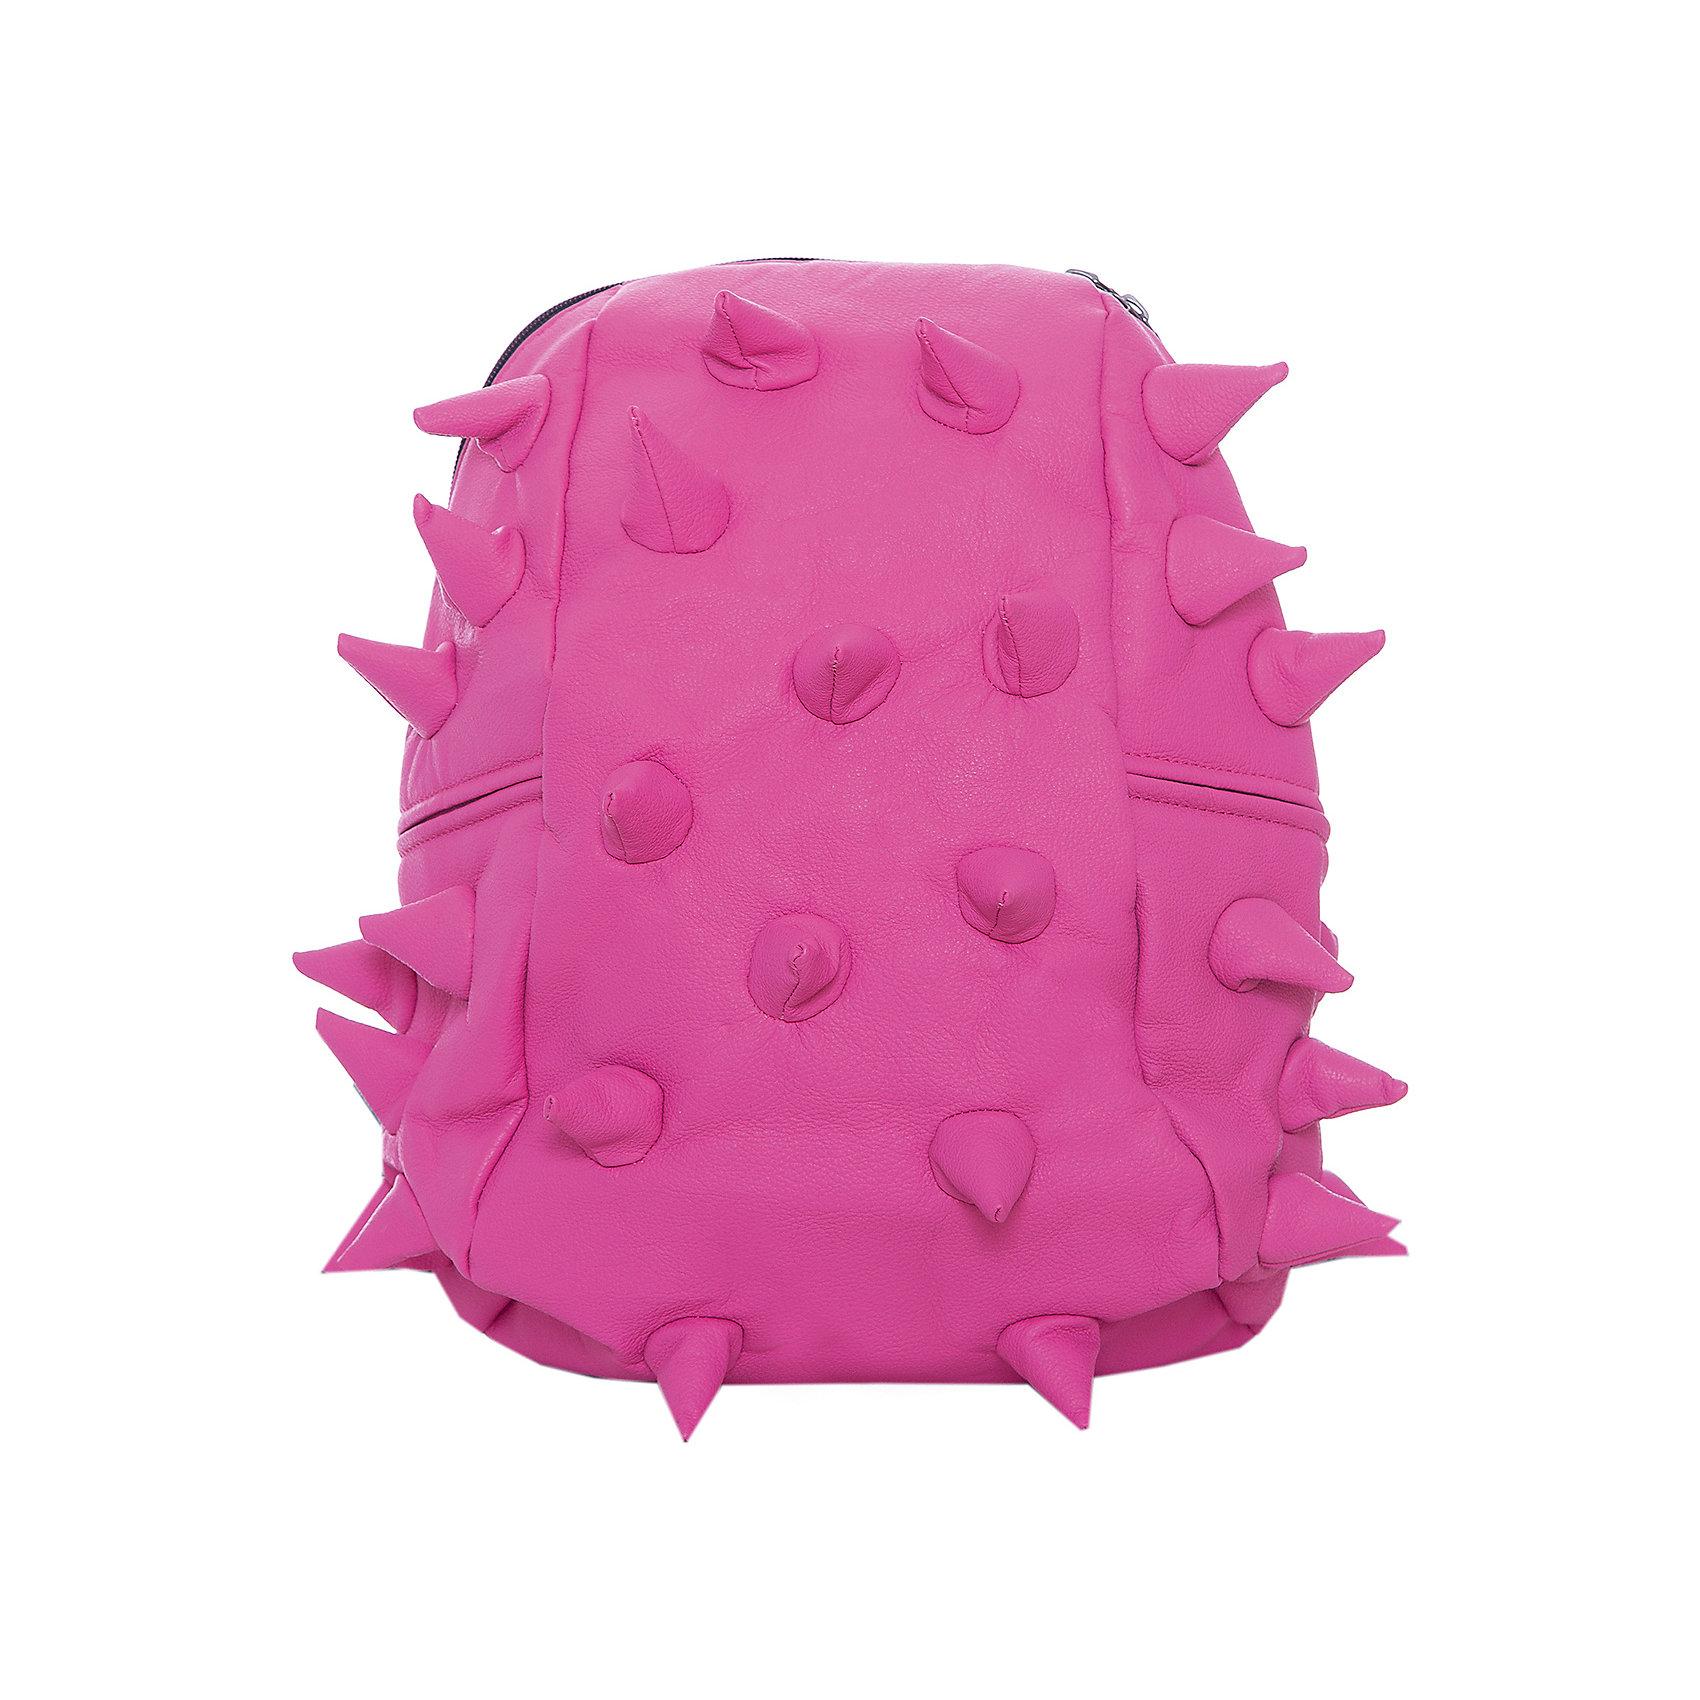 Рюкзак Rex Half, цвет Pink-A-Dot (розовый)Рюкзаки<br>Вес: 0,6 кг<br>Размер: 36х30х15 см<br>Состав: рюкзак<br>Наличие светоотражающих элементов: нет<br>Материал: полиуретан<br><br>Ширина мм: 360<br>Глубина мм: 300<br>Высота мм: 150<br>Вес г: 600<br>Возраст от месяцев: 36<br>Возраст до месяцев: 720<br>Пол: Унисекс<br>Возраст: Детский<br>SKU: 7054094